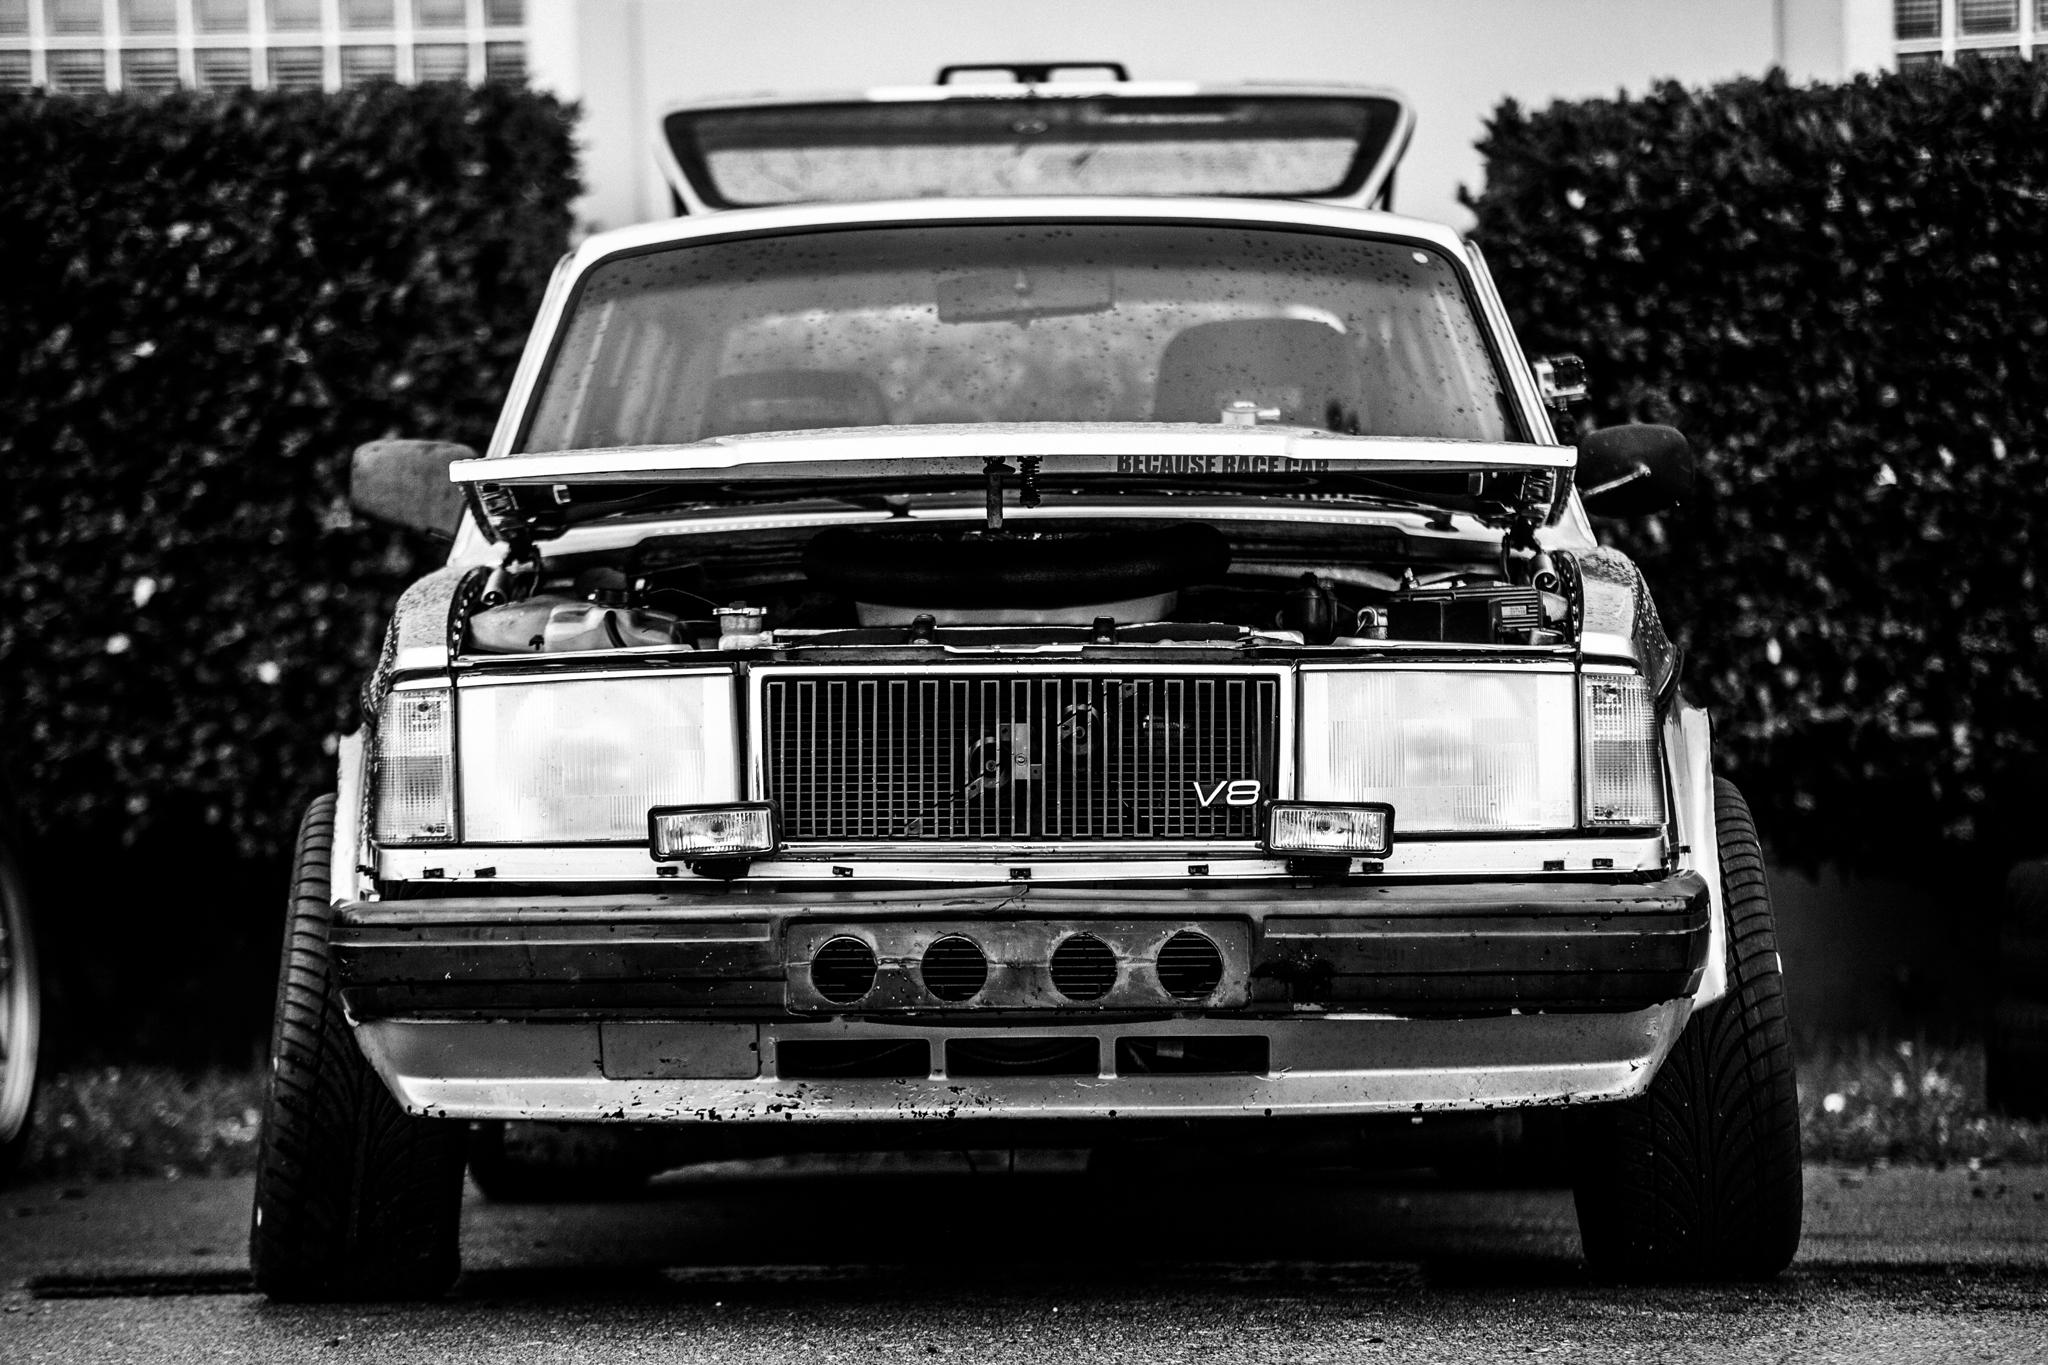 autocrossjune_002.jpg